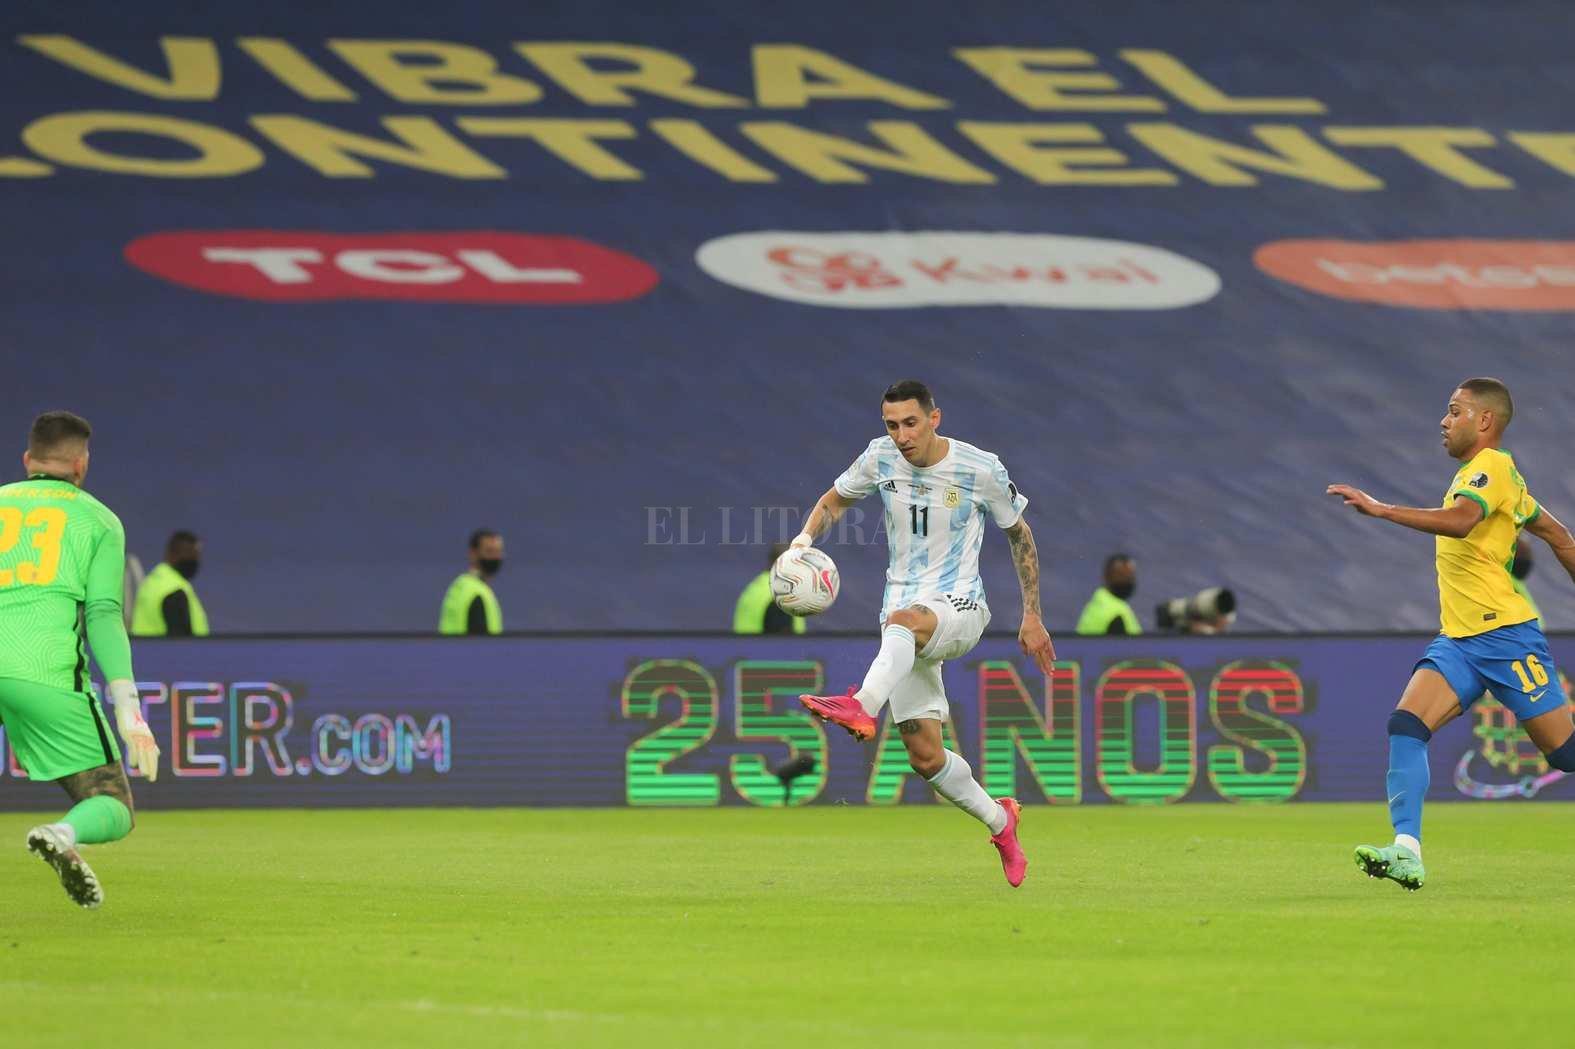 En fotos: Argentina campeón de la Copa América 2021 : : El Litoral - Noticias - Santa Fe - Argentina - ellitoral.com : :